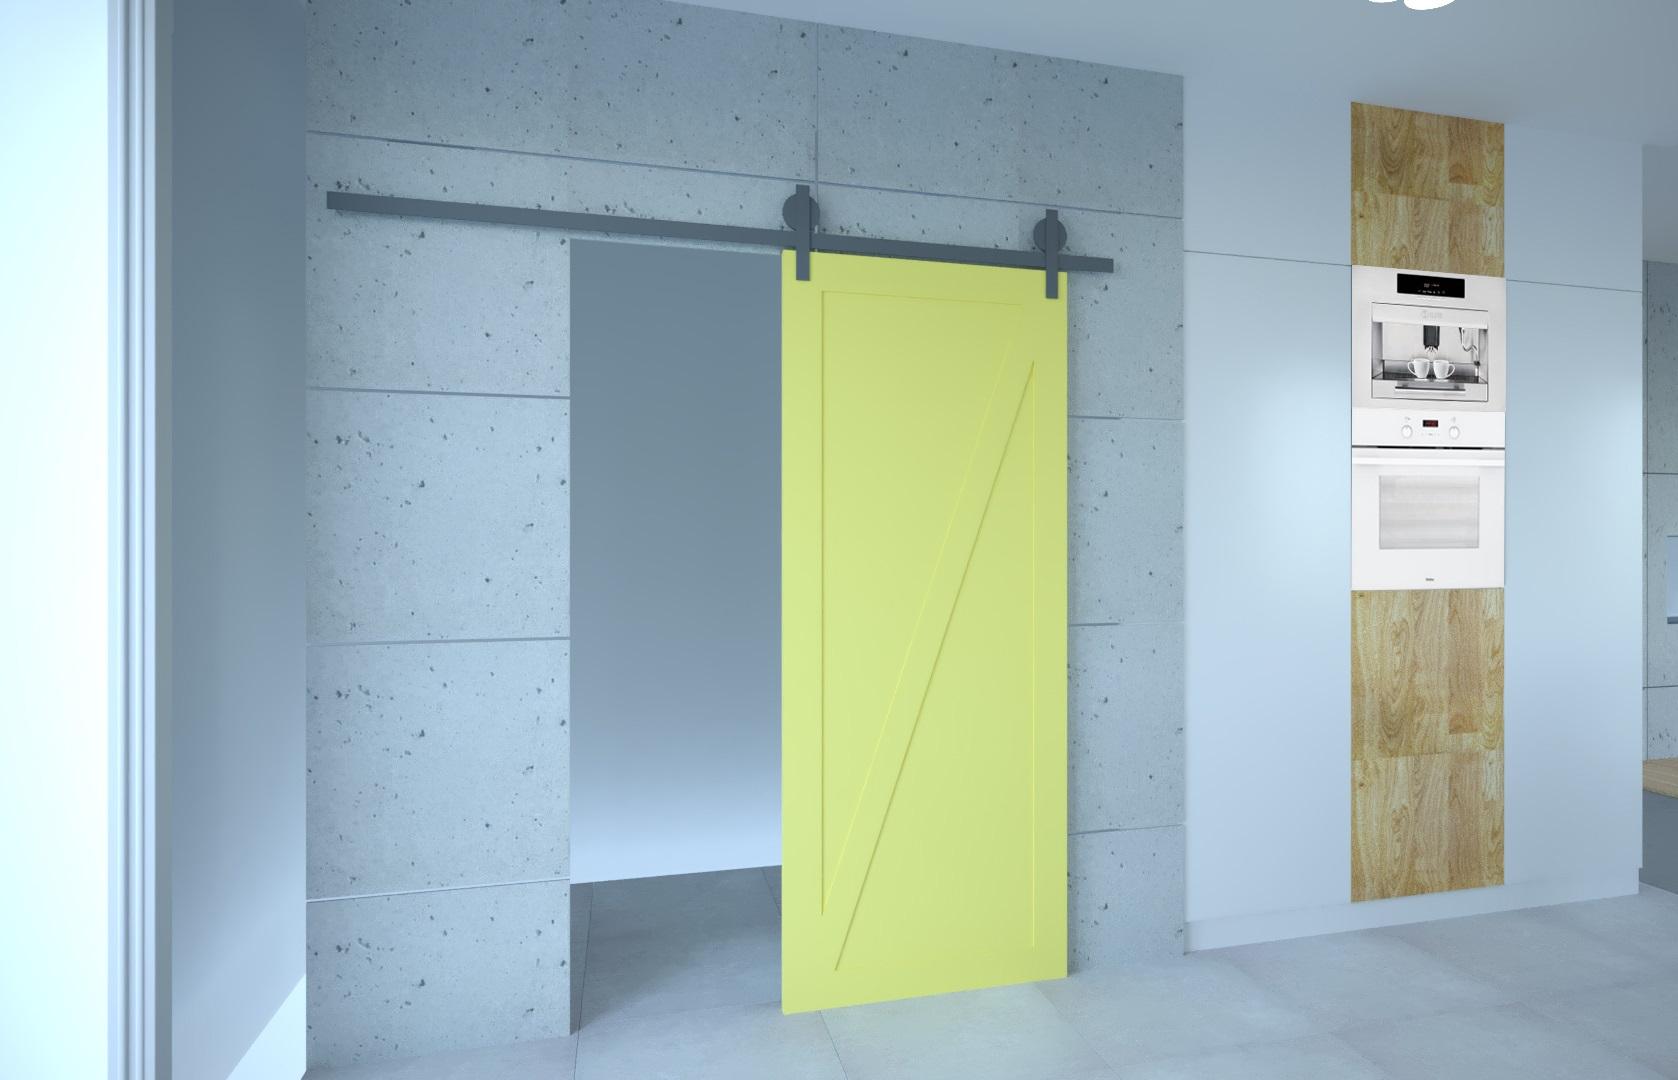 żółte drzwi wejście do spiżarki